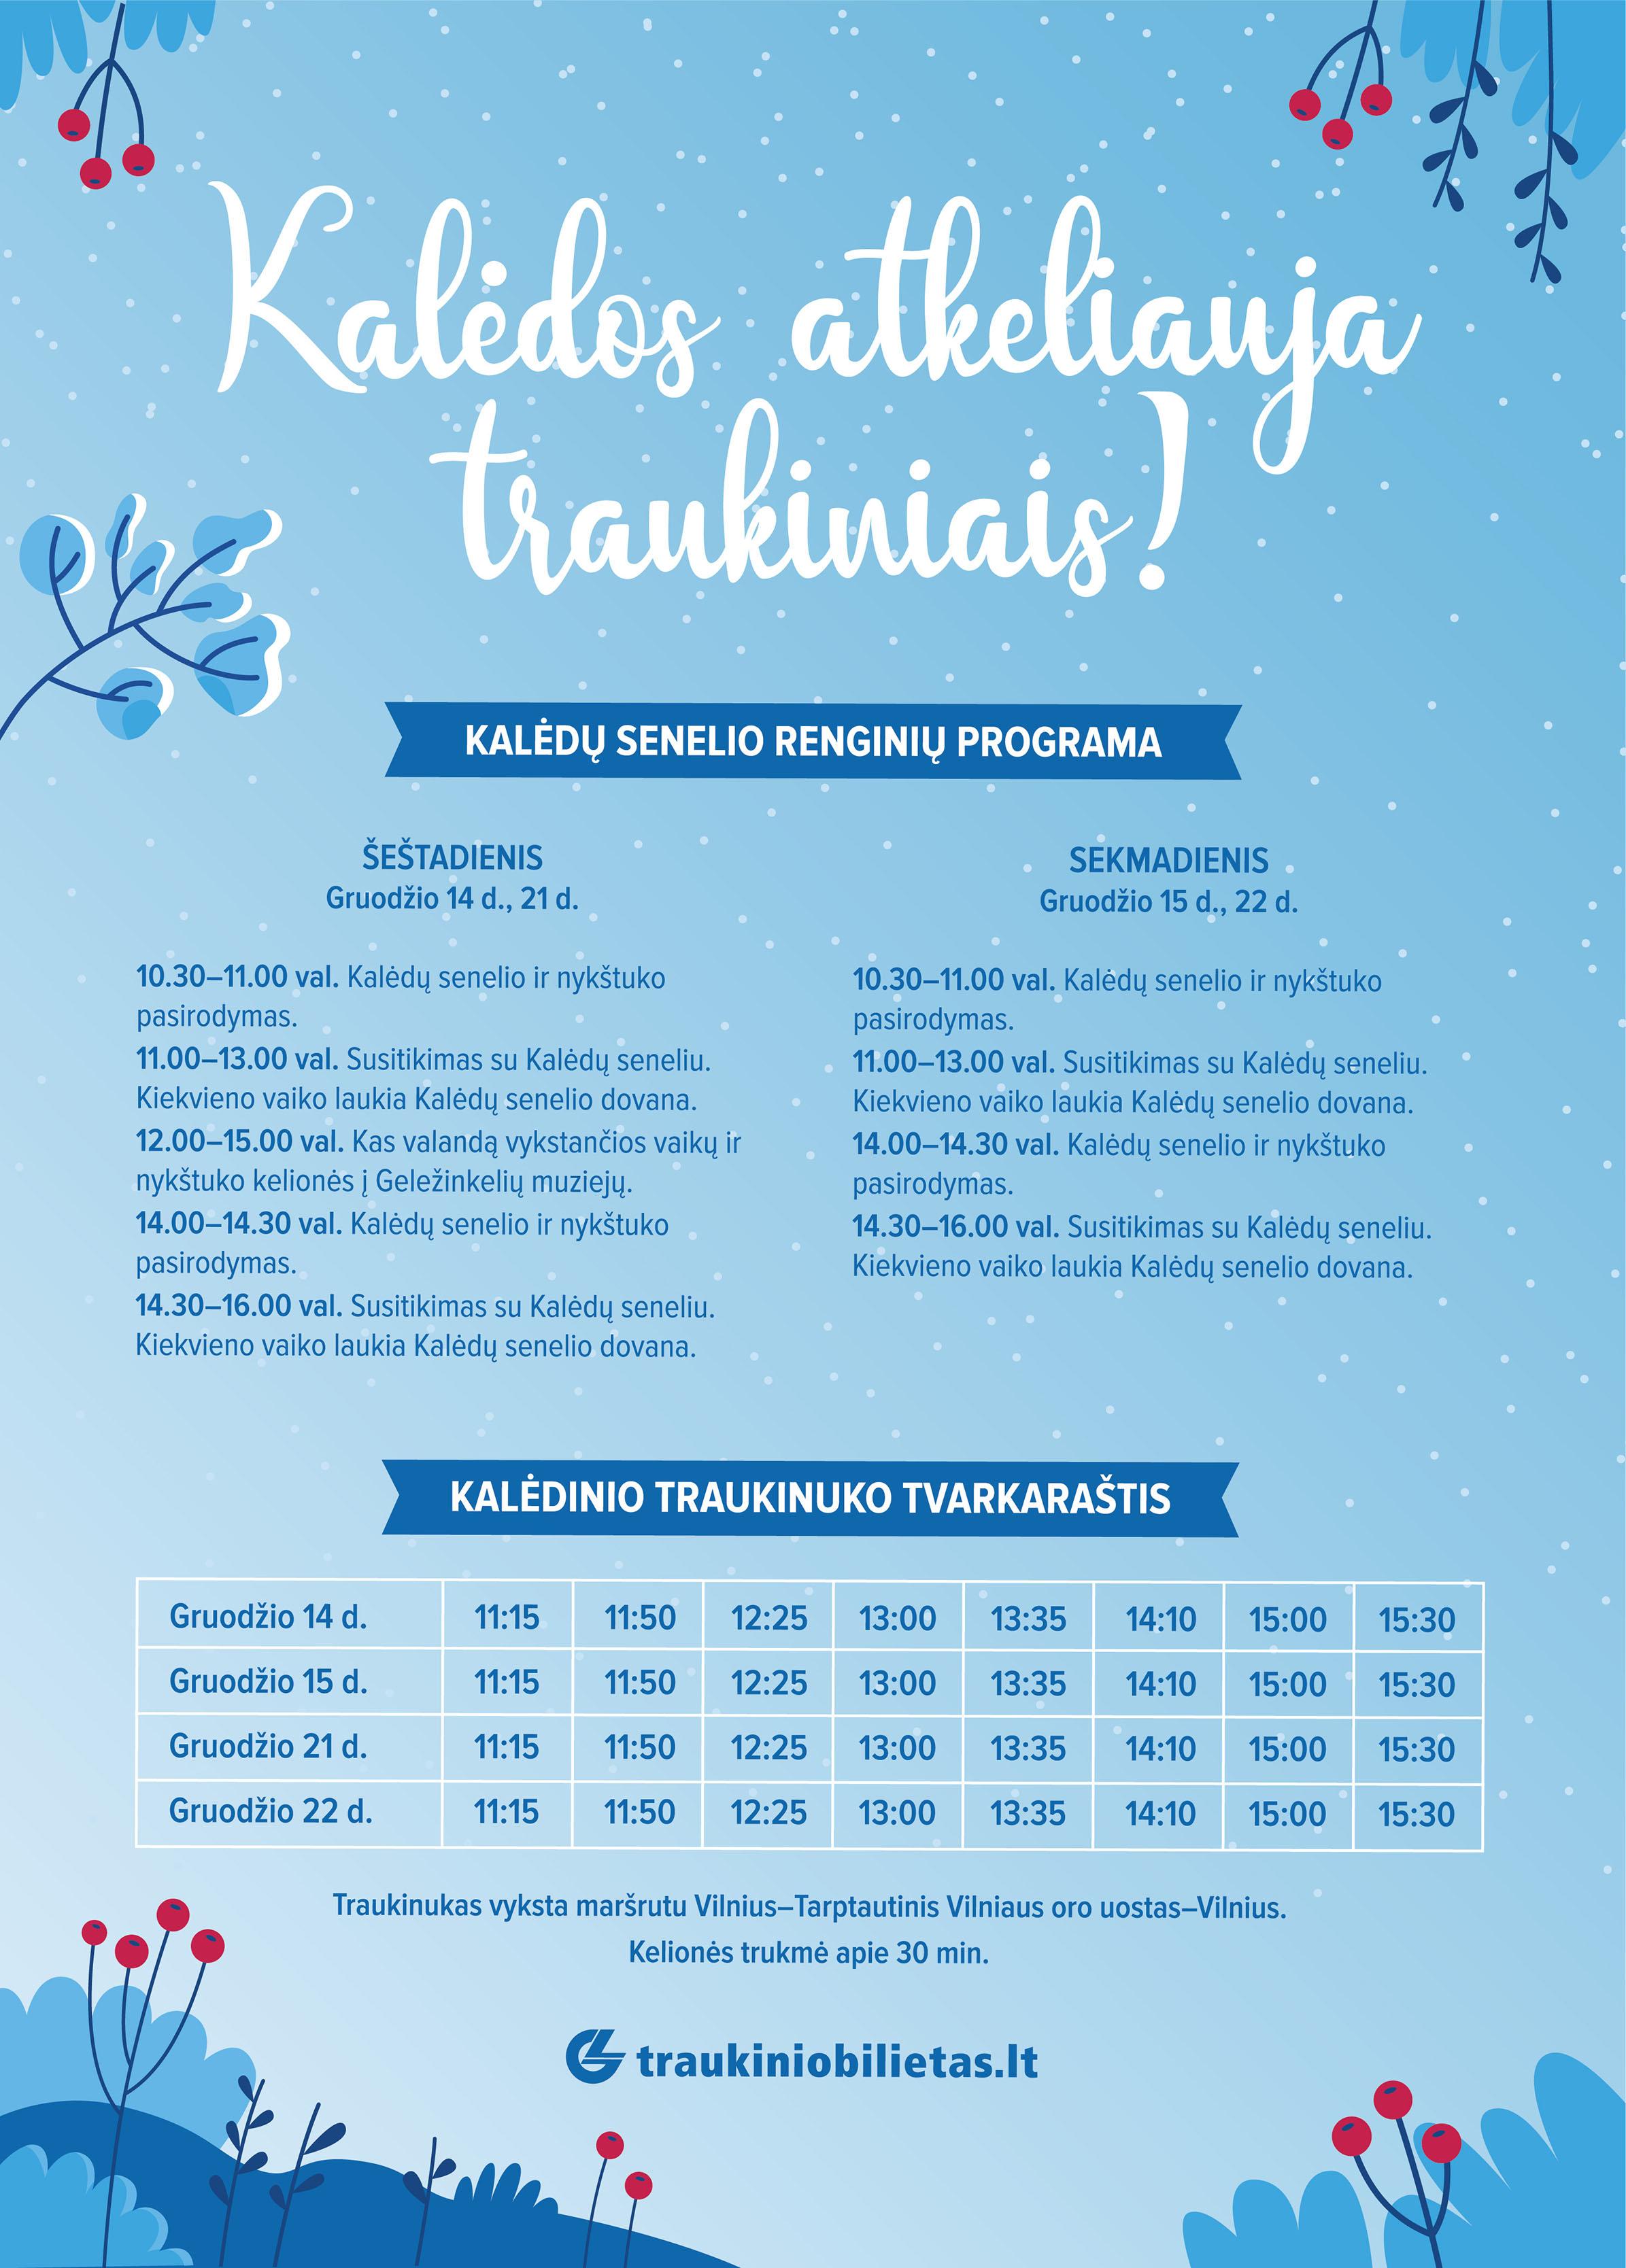 Kalėdos atkeliauja traukiniais: magiška Kalėdų Senelio rezidencija Vilniaus geležinkelio stotyje ir kalėdinis traukinys jau nuo gruodžio 14 d.